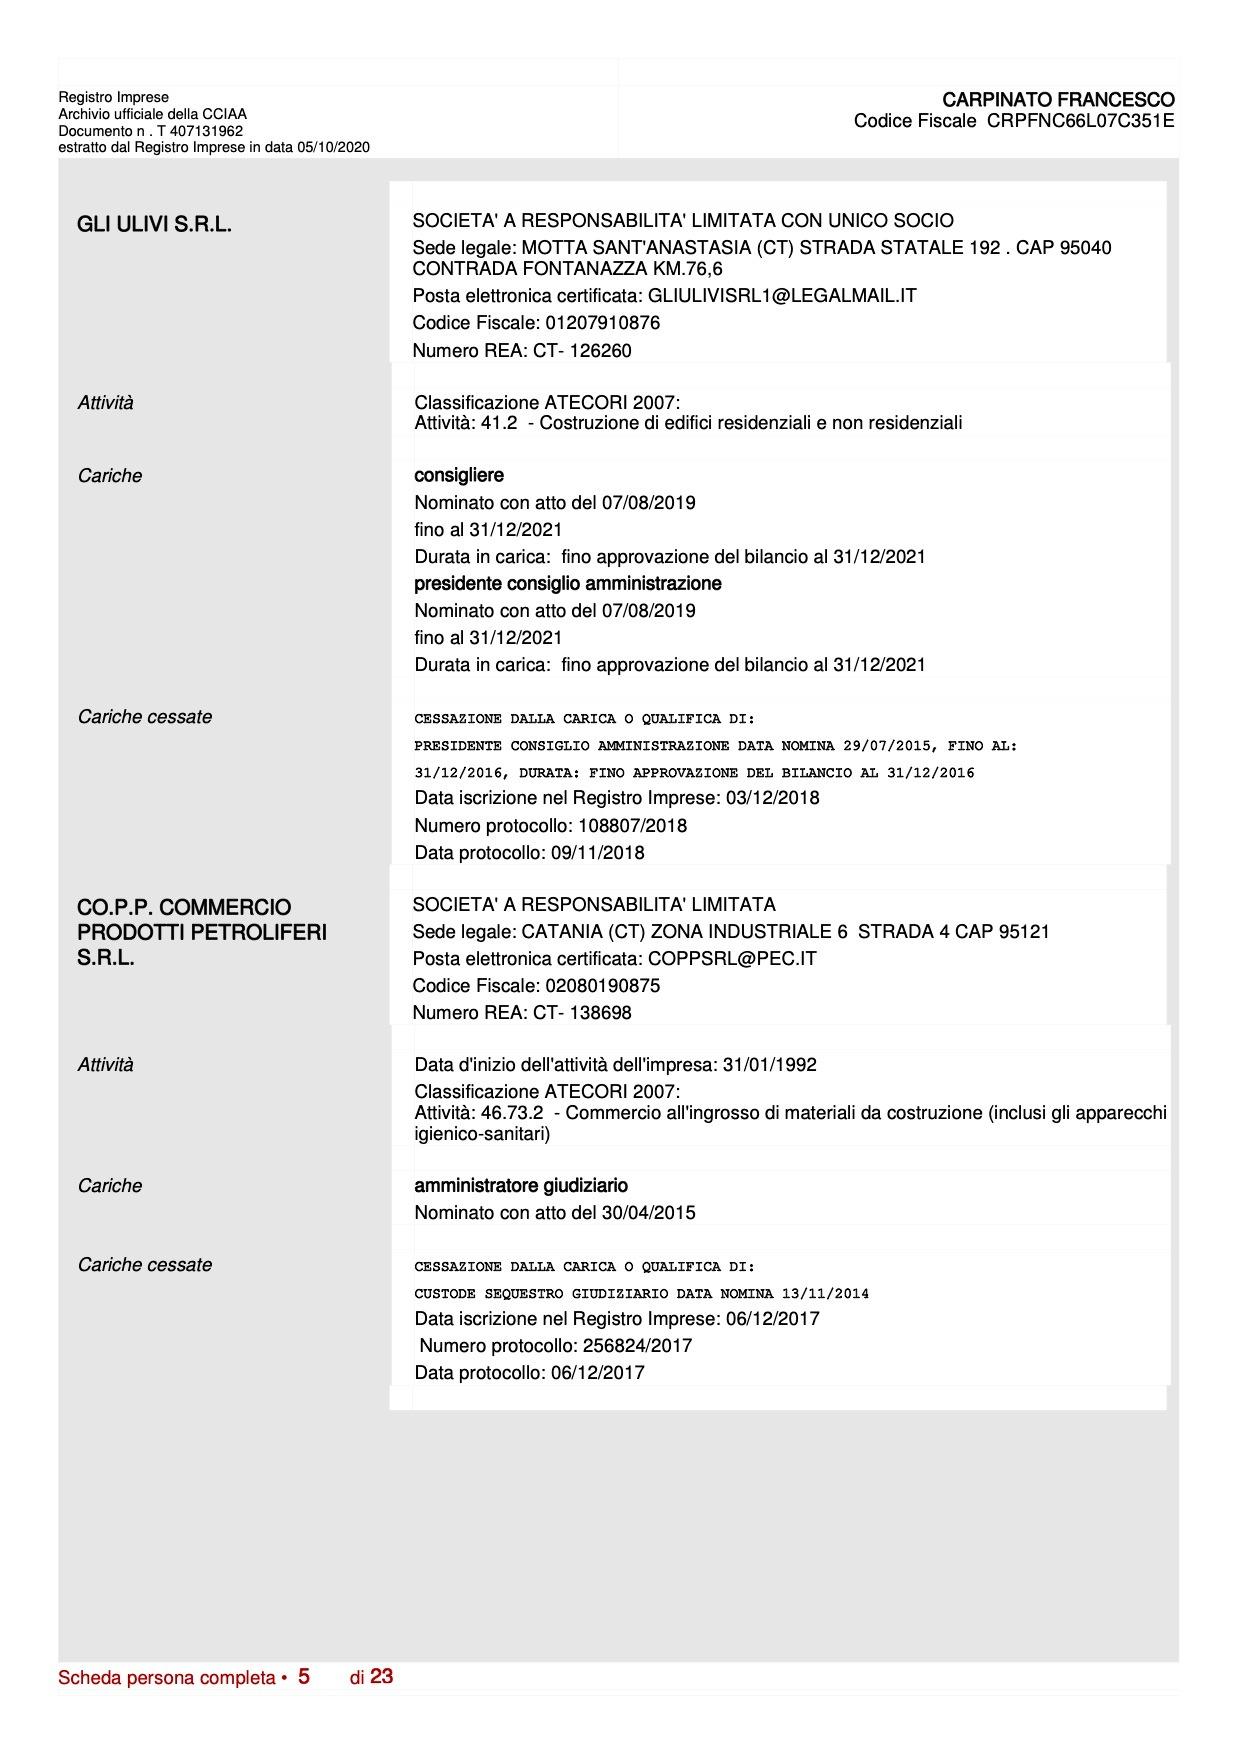 carpinatofrancesco5-1603423975.jpg